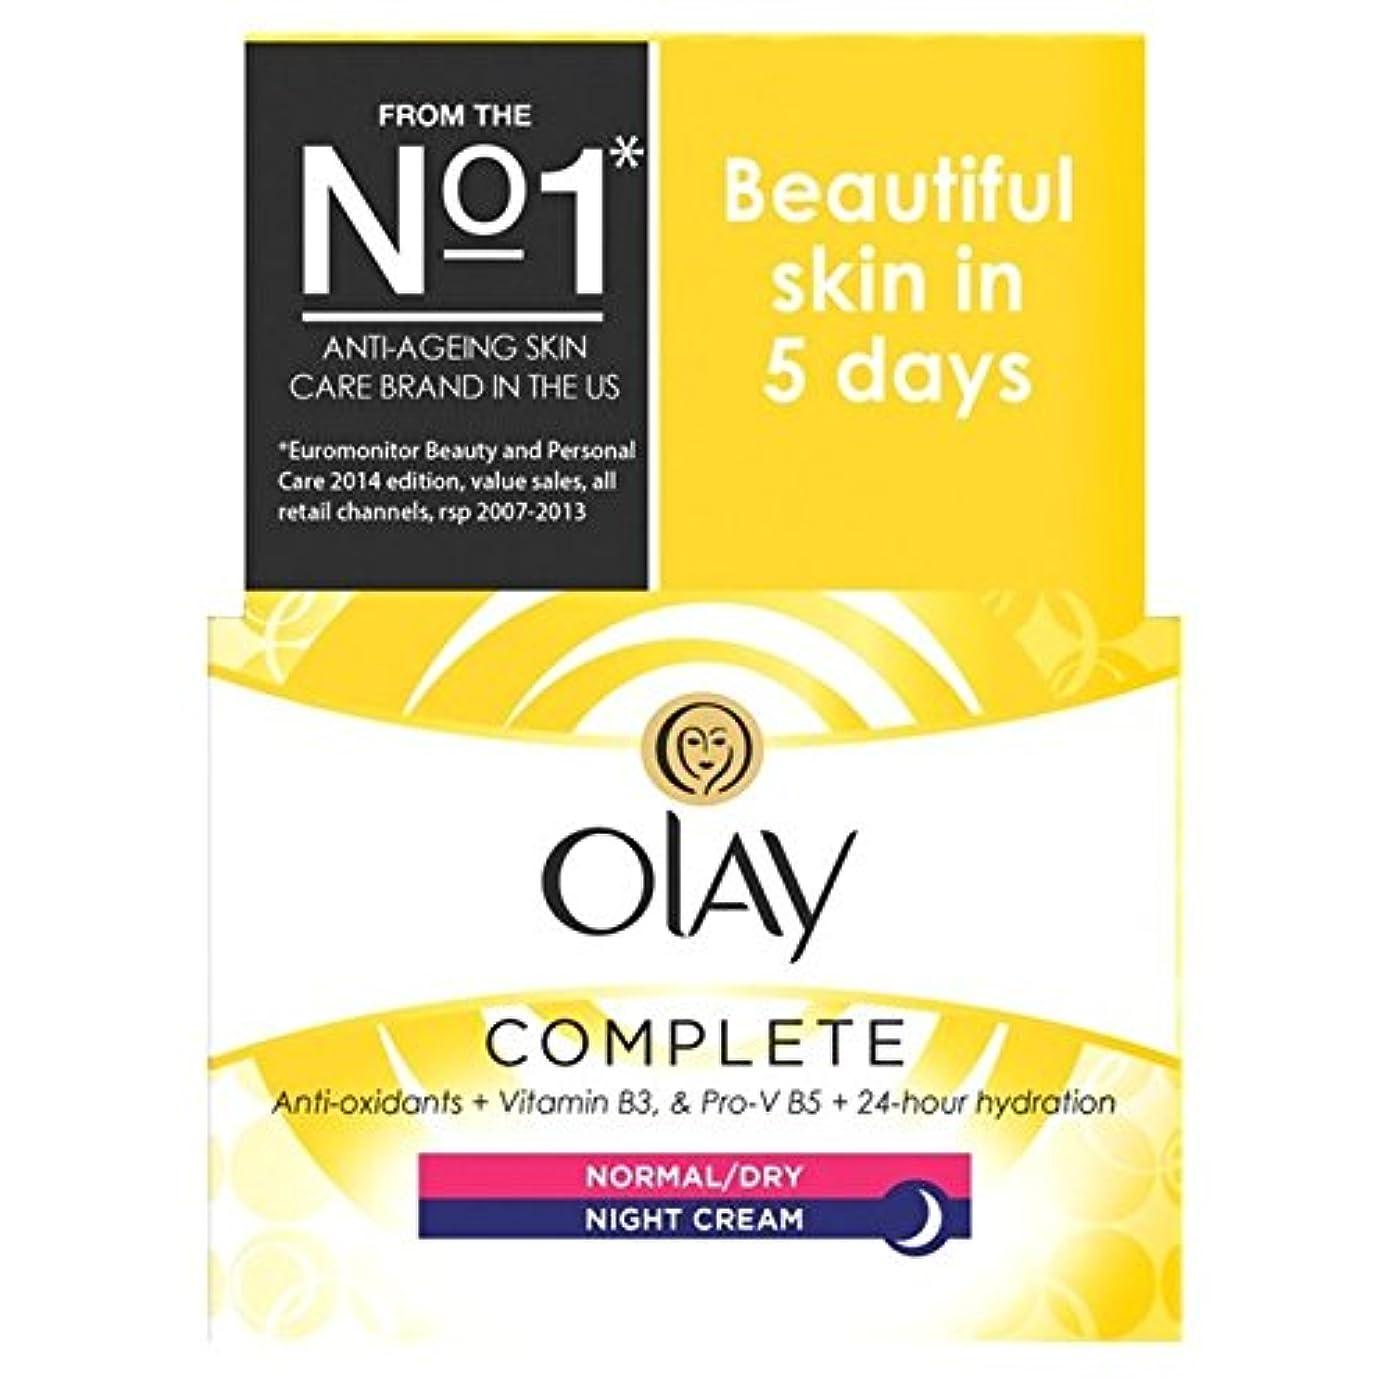 フォームデコードする残高Olay Essentials Complete Care Moisturiser Night Cream 50ml - オーレイ必需品の完全なケア保湿ナイトクリーム50ミリリットル [並行輸入品]